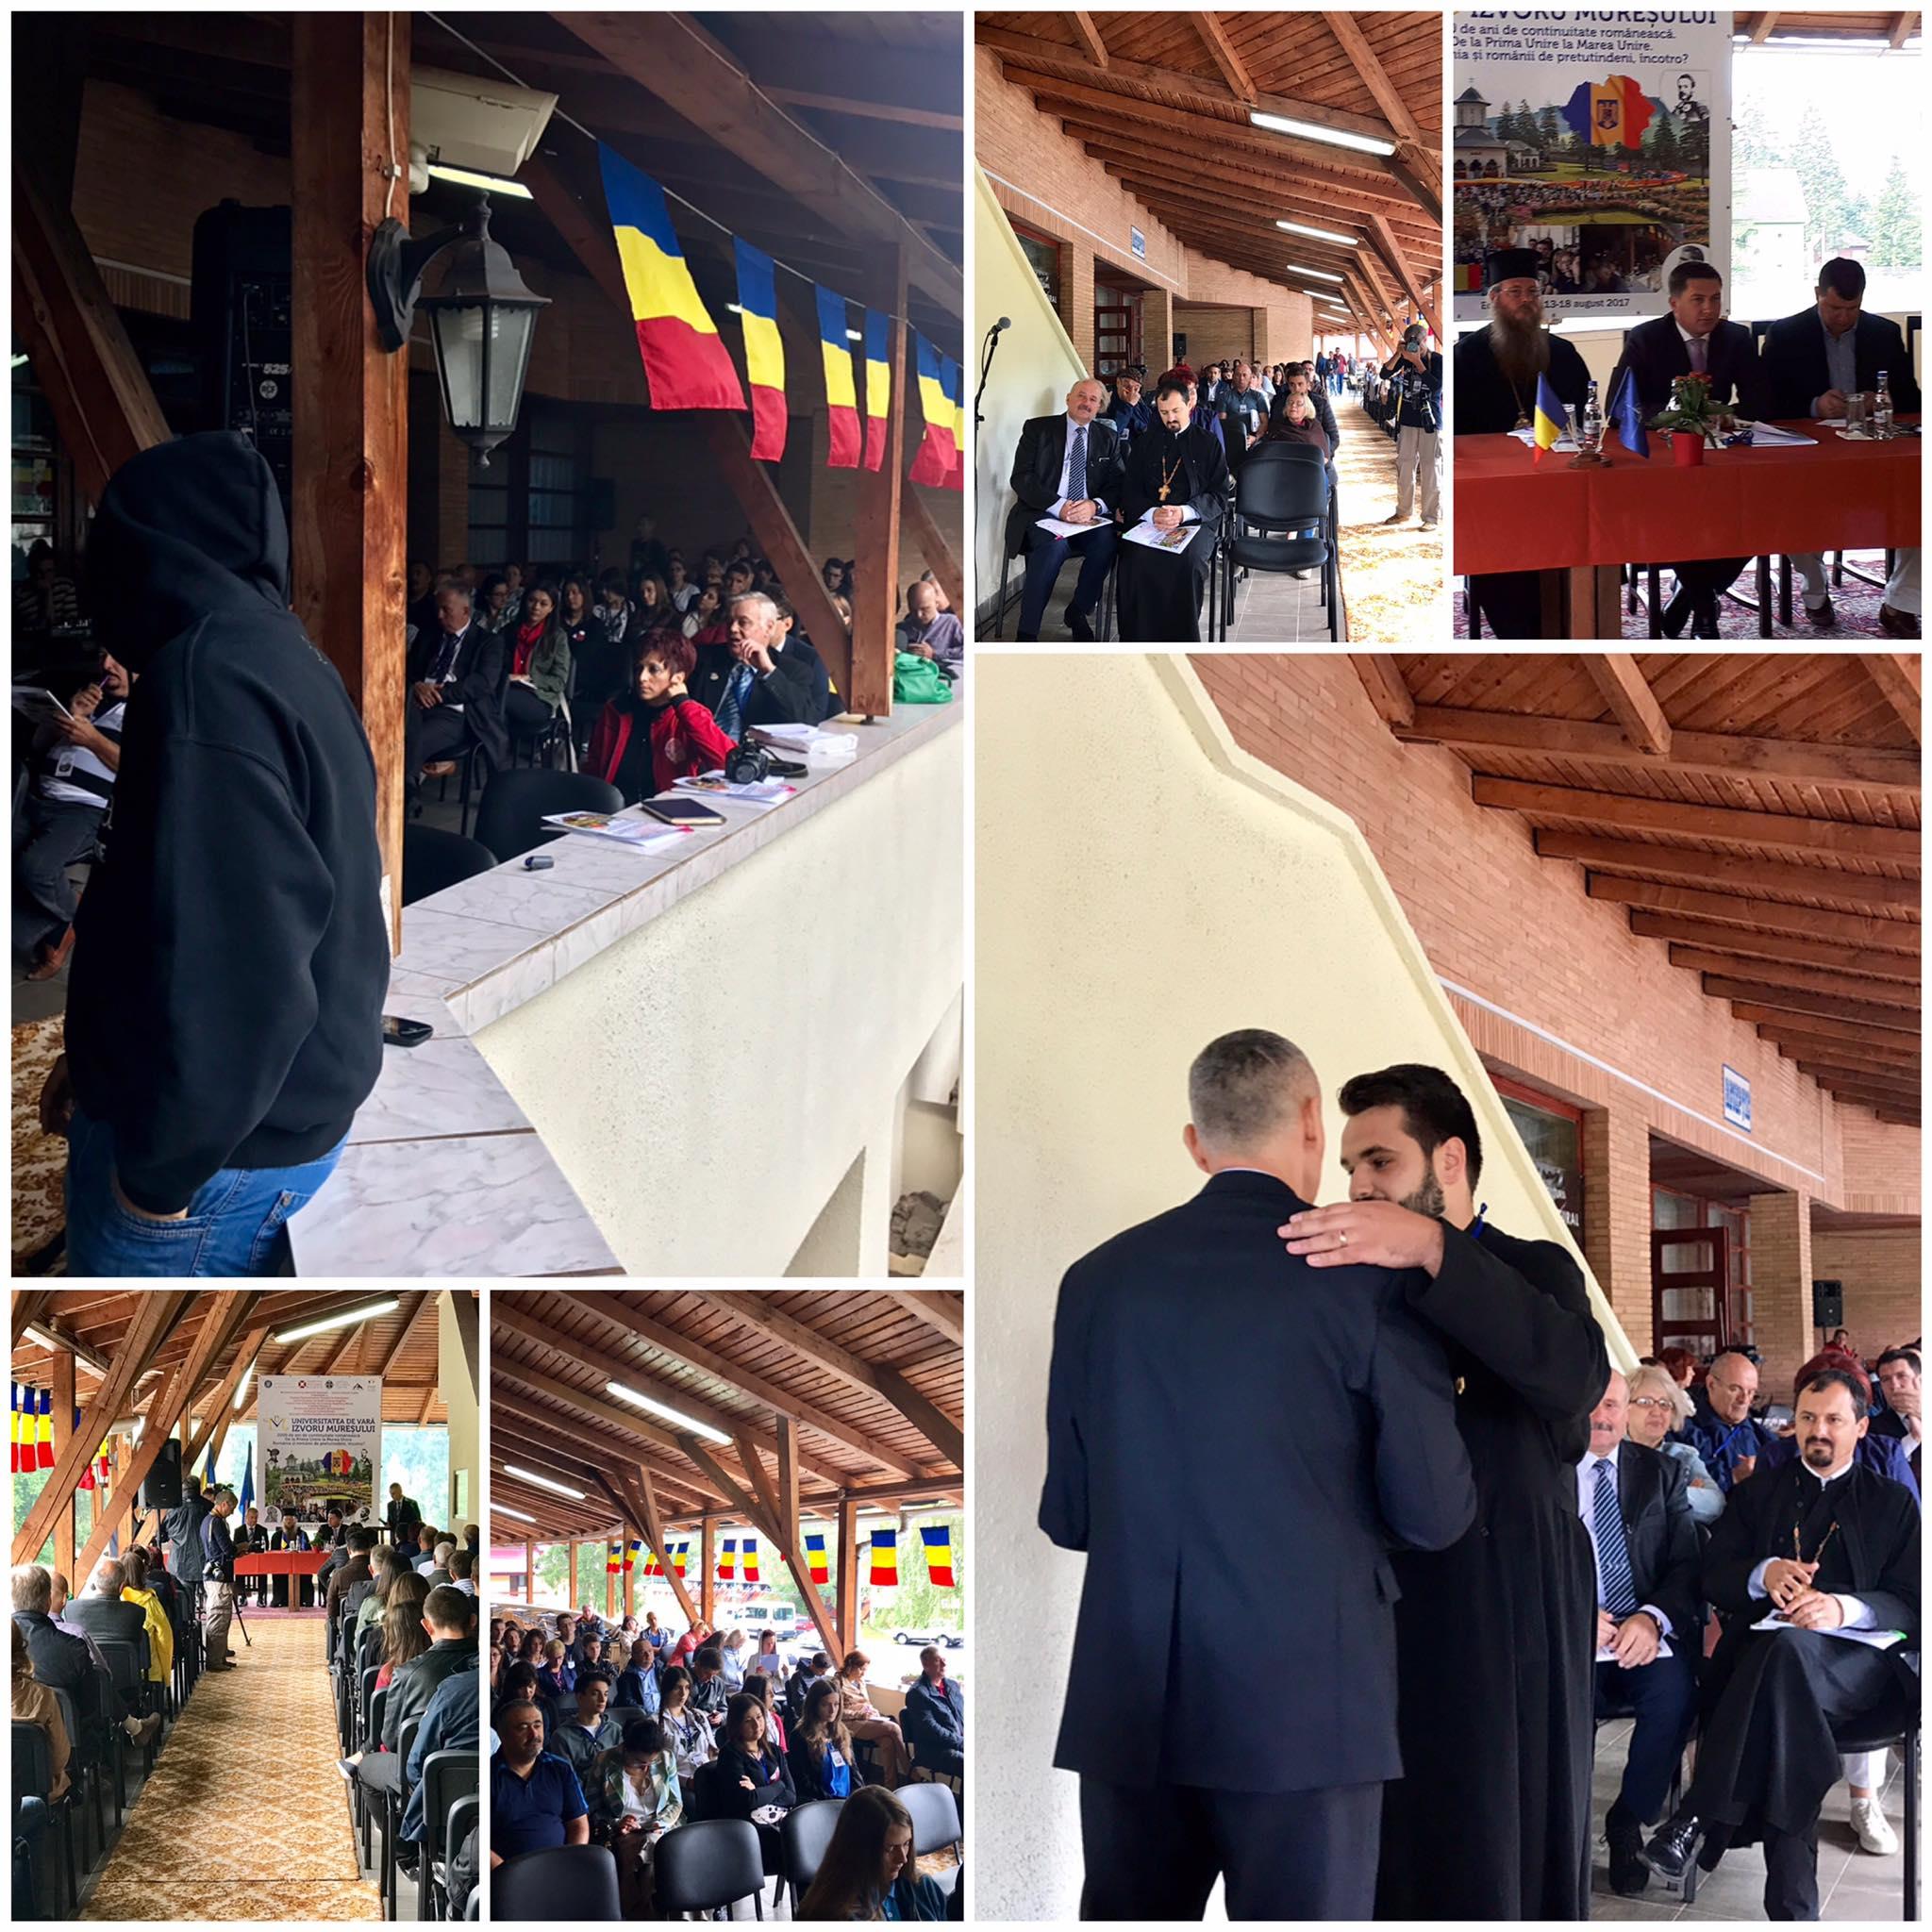 Universitatea de Vara Izvoru Muresului Constantin Codreanu